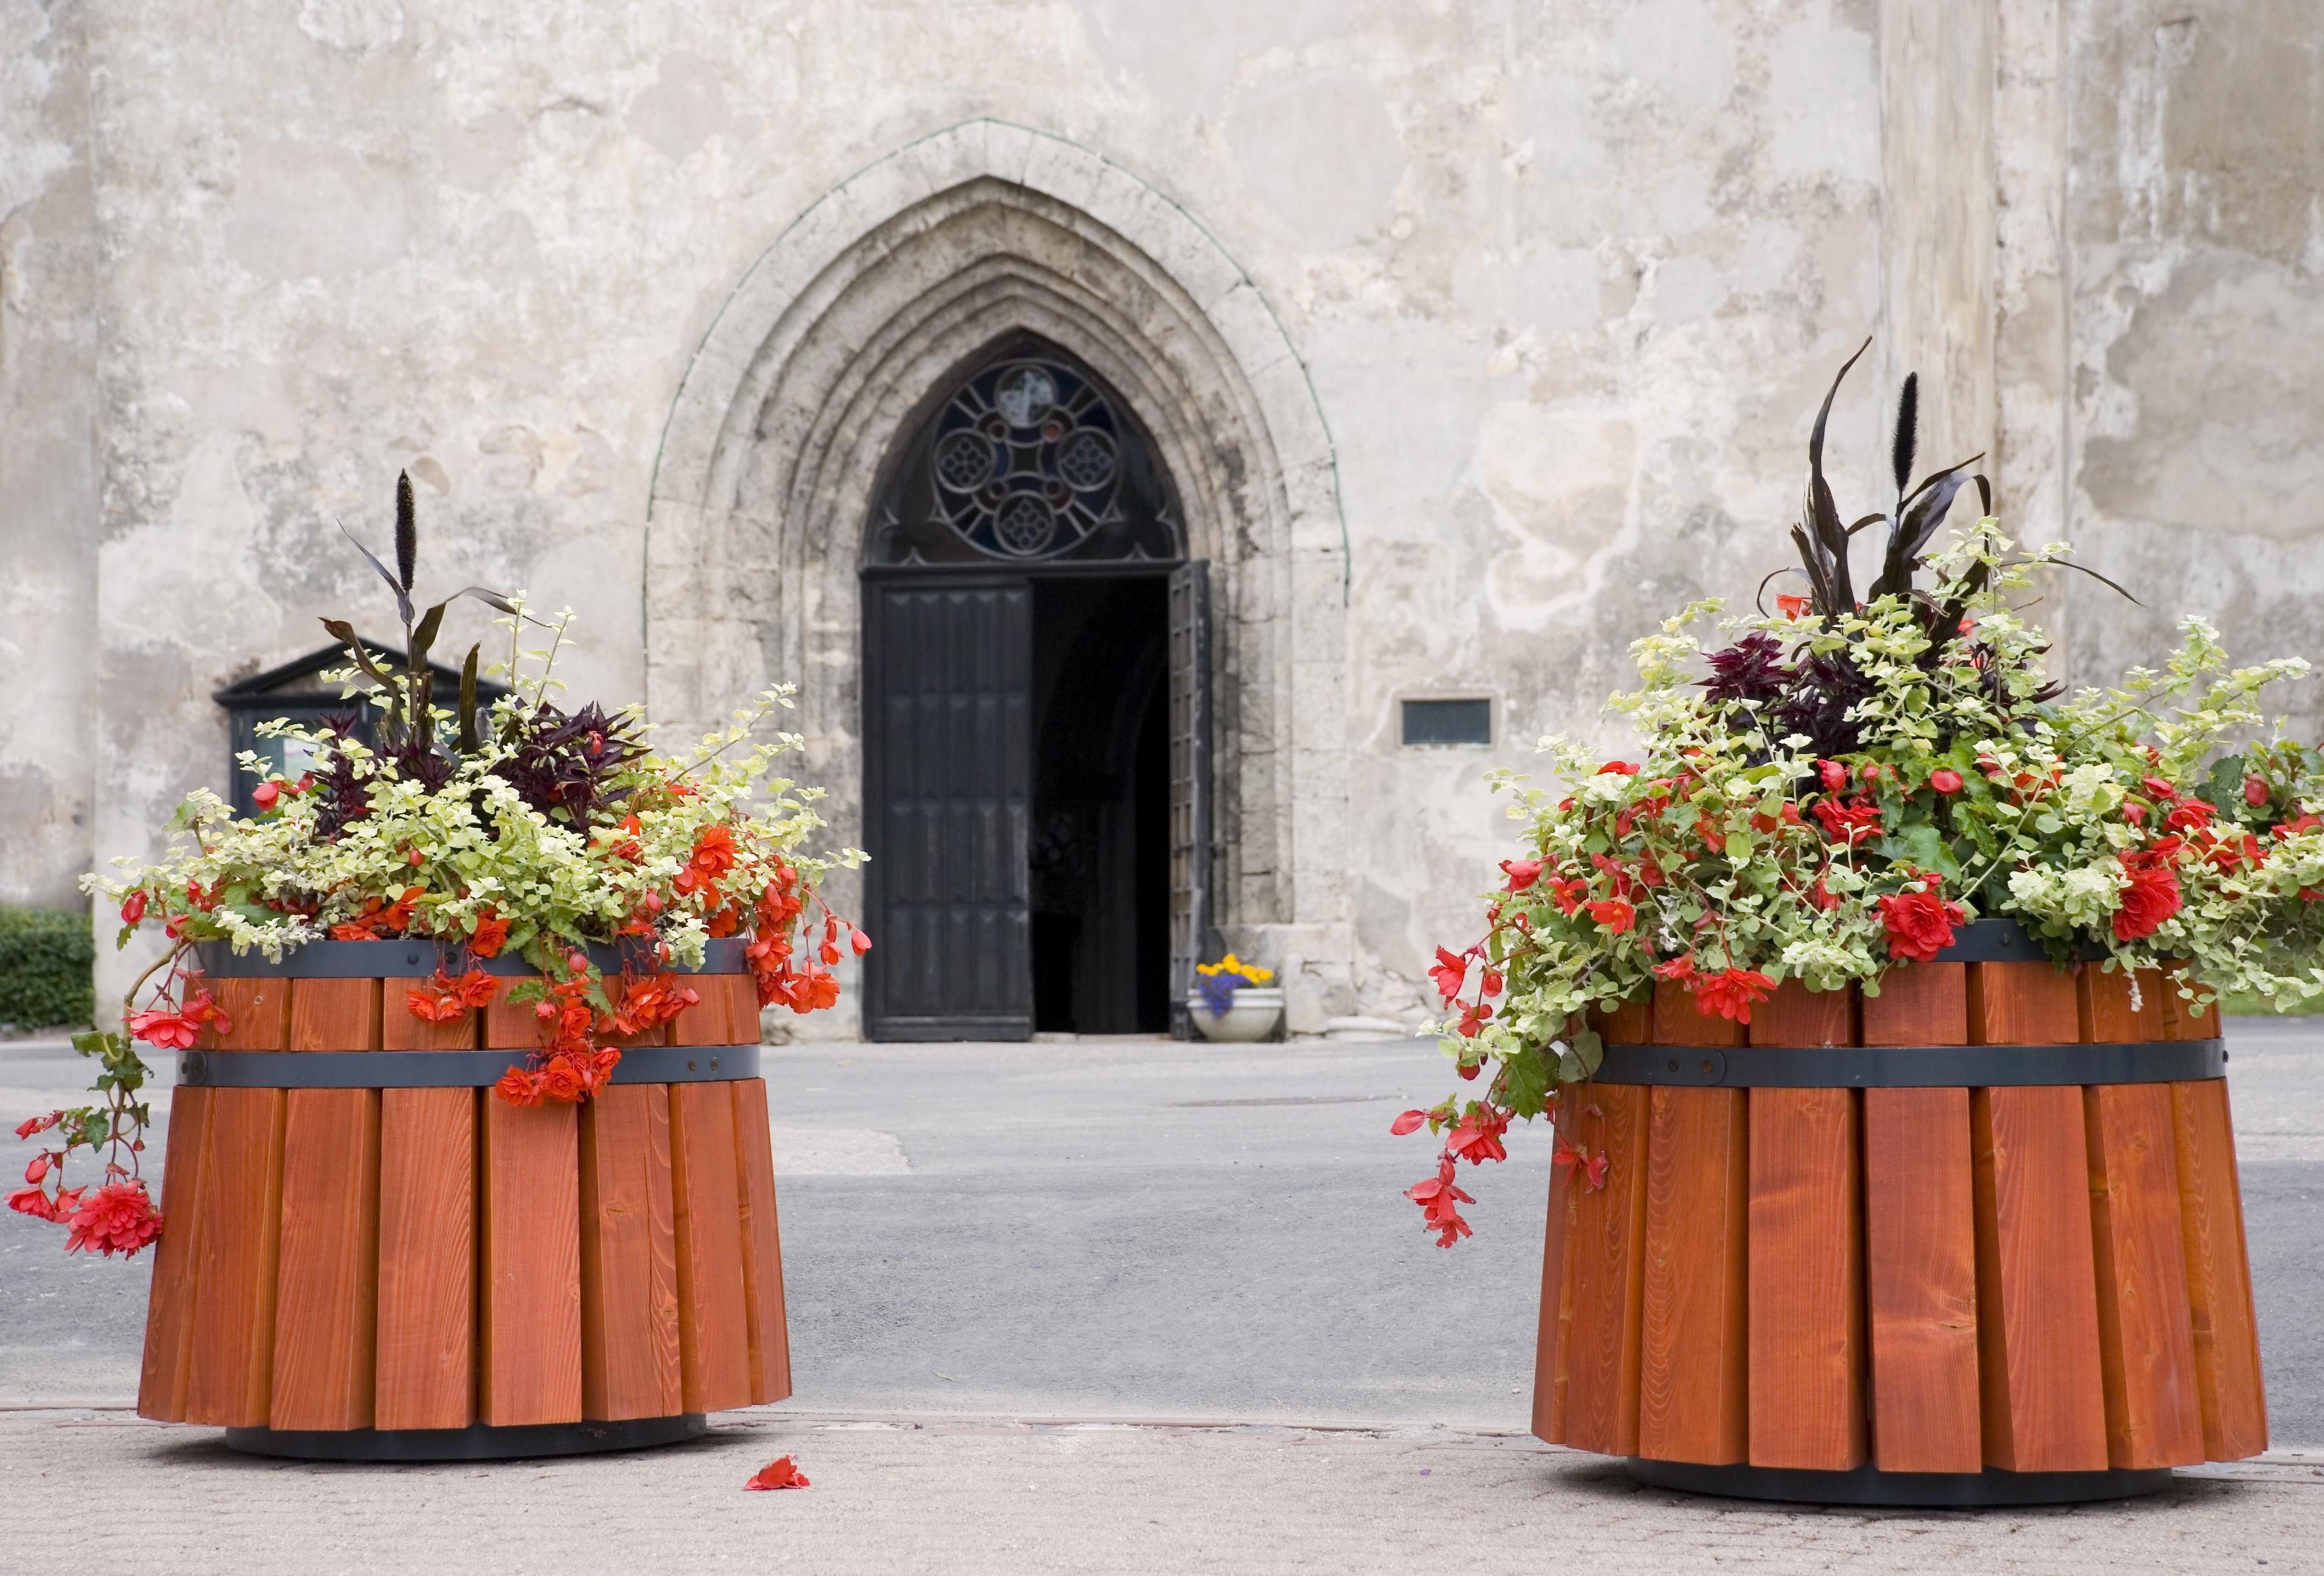 Church entrance in Cesis, Latvia